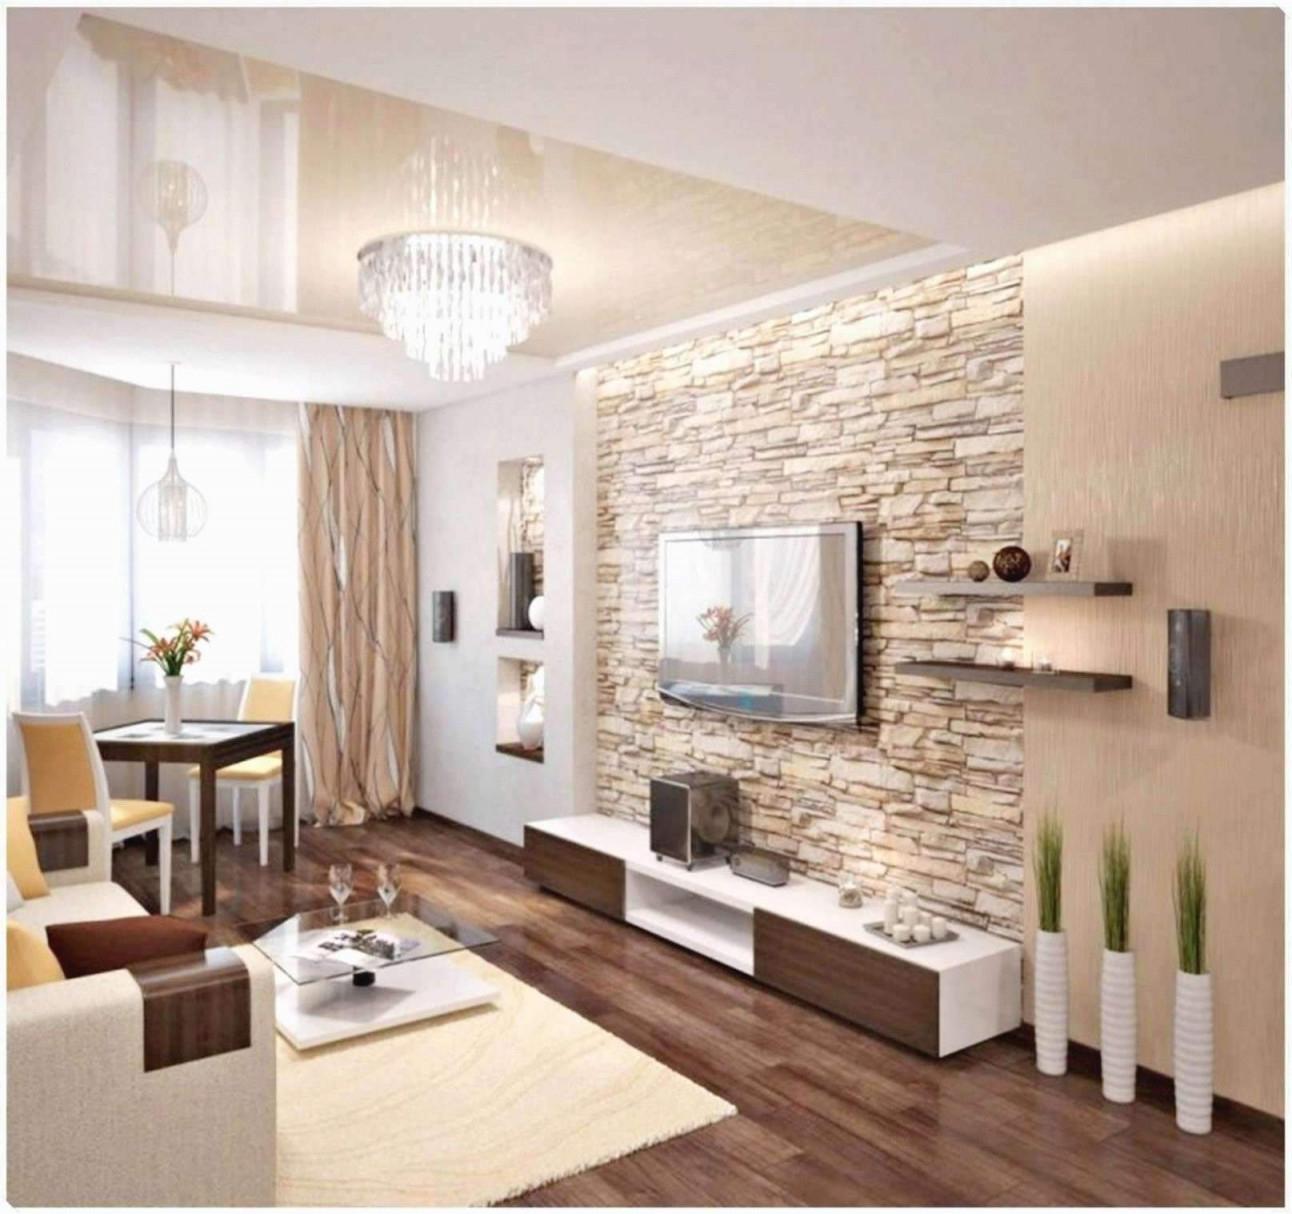 Wohnzimmer Rustikal Das Beste Von Wohnzimmer Rustikal Modern von Wohnzimmer Rustikal Gestalten Bild